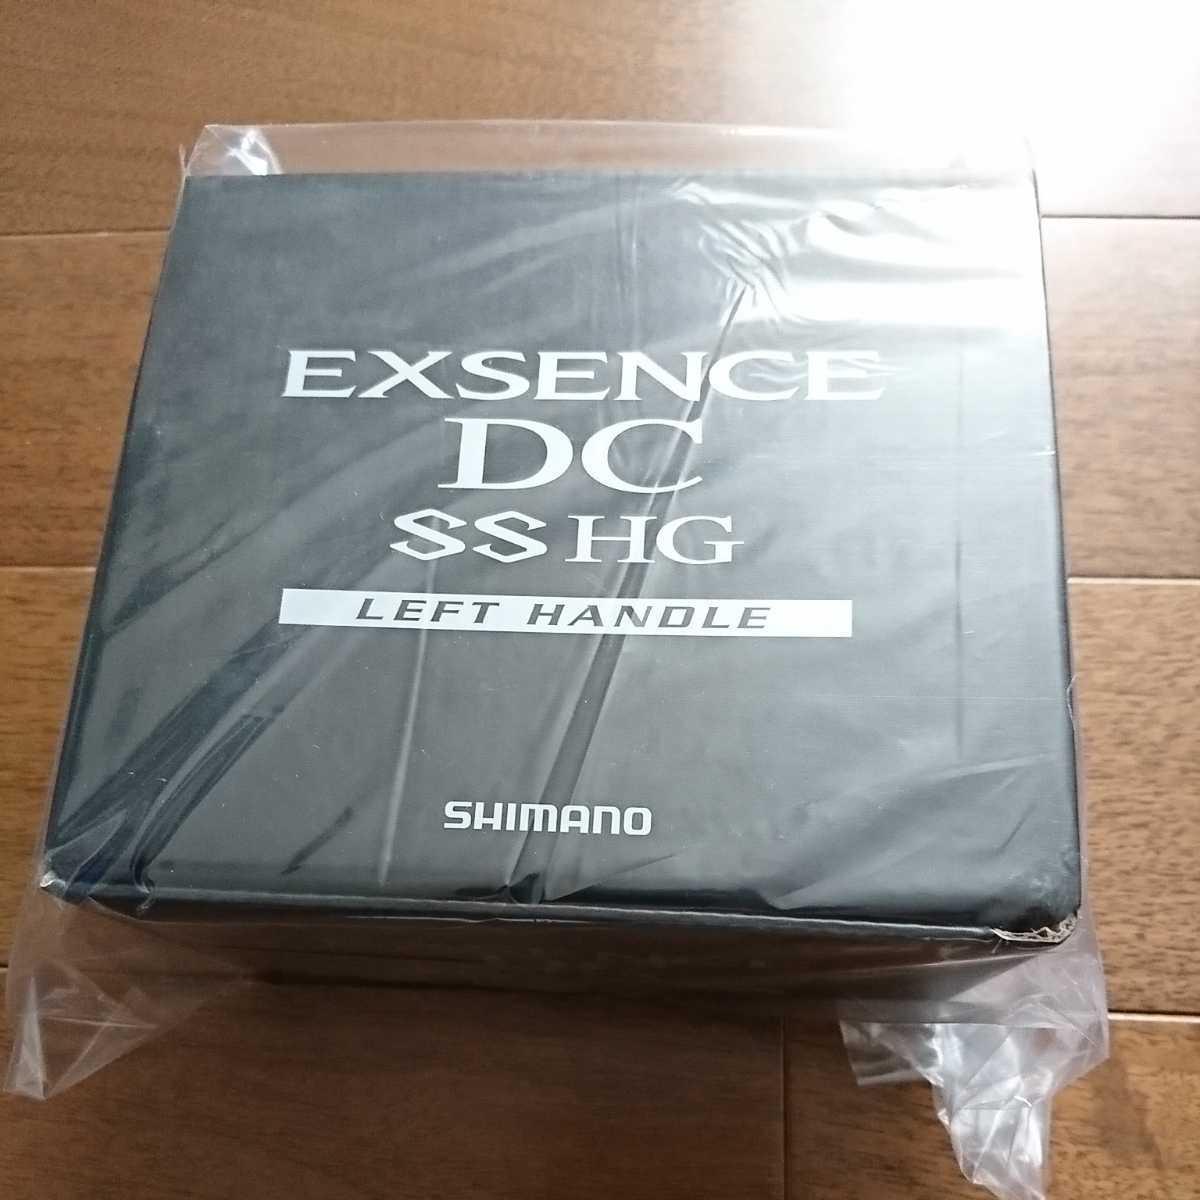 送料無料 新品 未開封 シマノ SHIMANO ベイトリール 20 エクスセンス DC SS HG LEFT 左ハンドル レフトハンドル ソルト DCSS 日本仕様_画像1